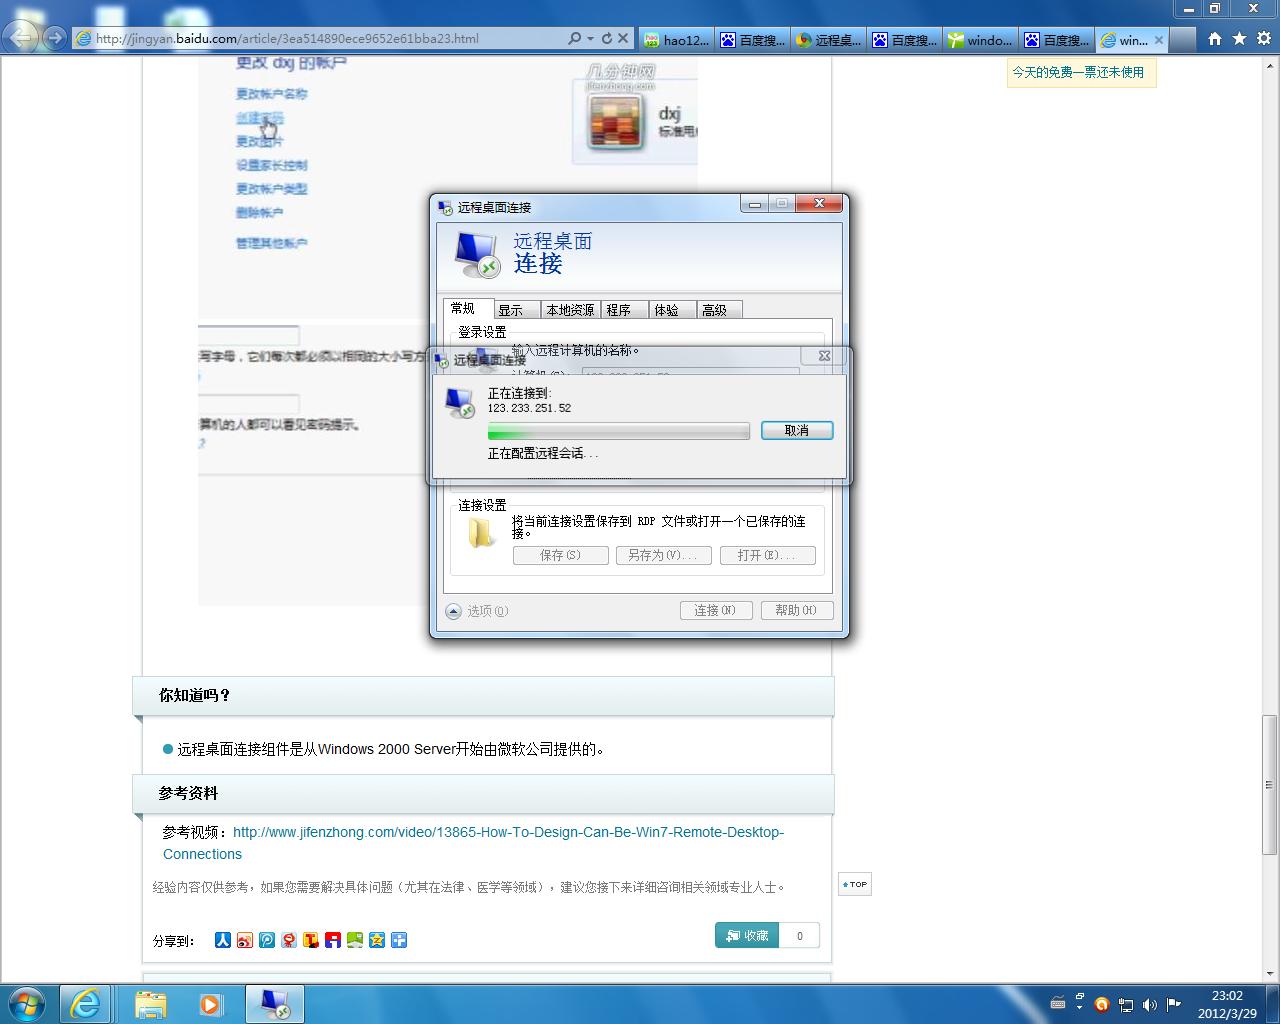 win7远程桌面问题图片